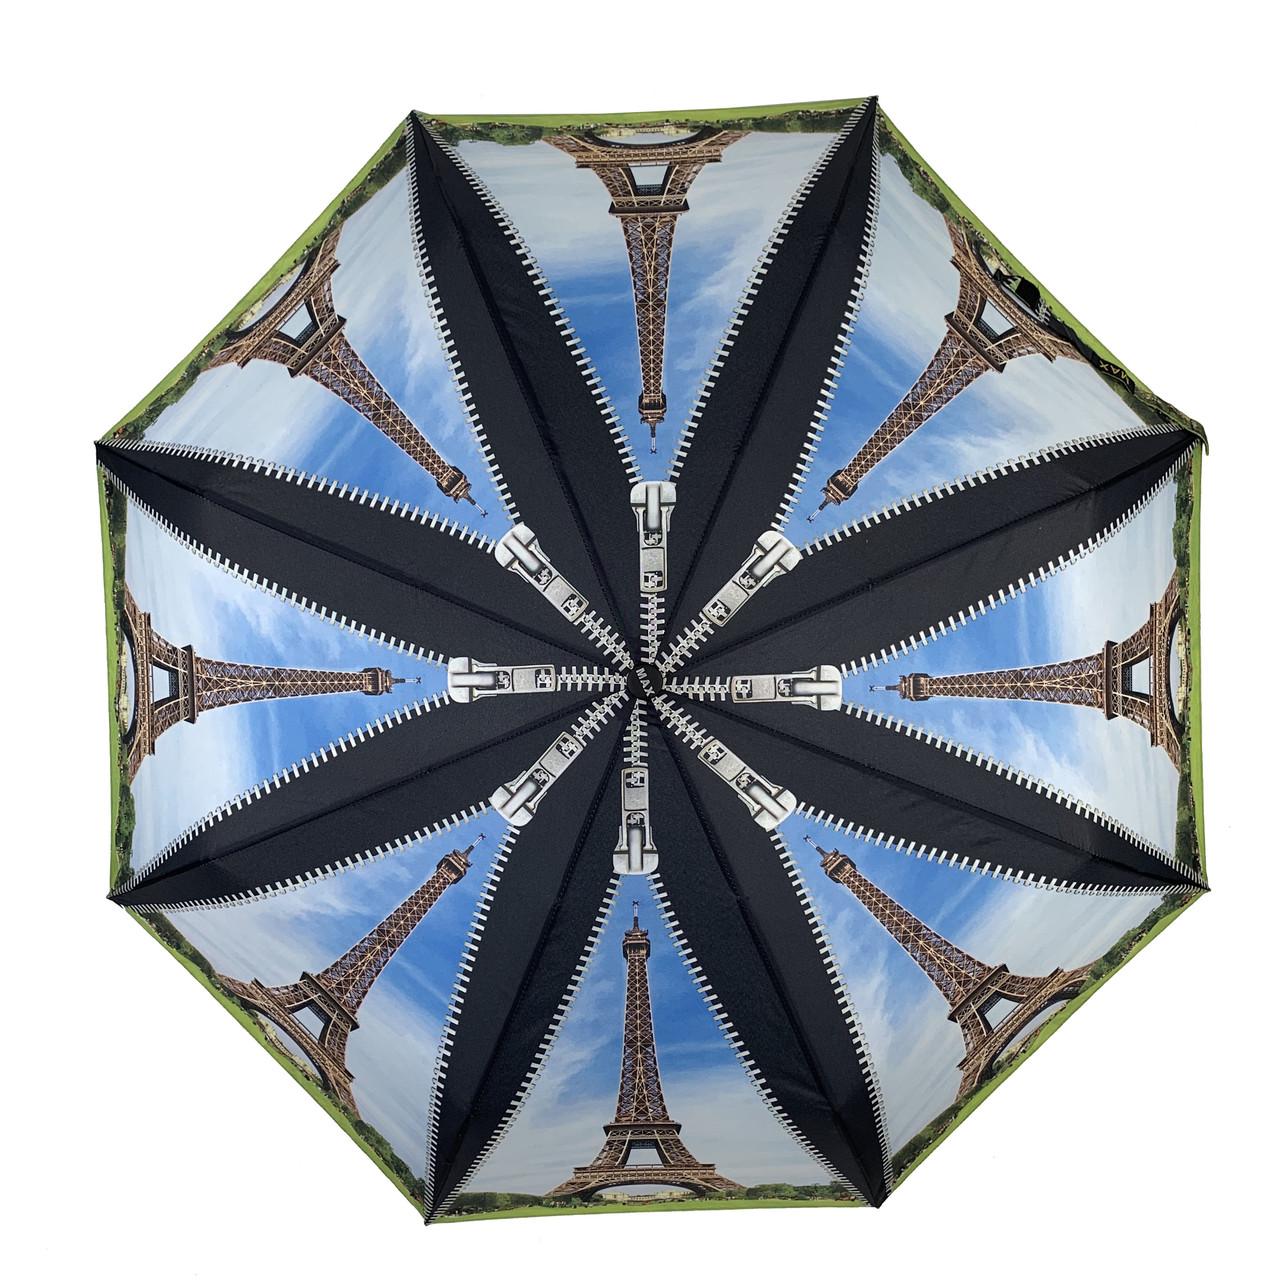 Женский складной зонт-полуавтомат с облегченным каркасом и Эйфелевой башней от Max, черная ручка, 314-6